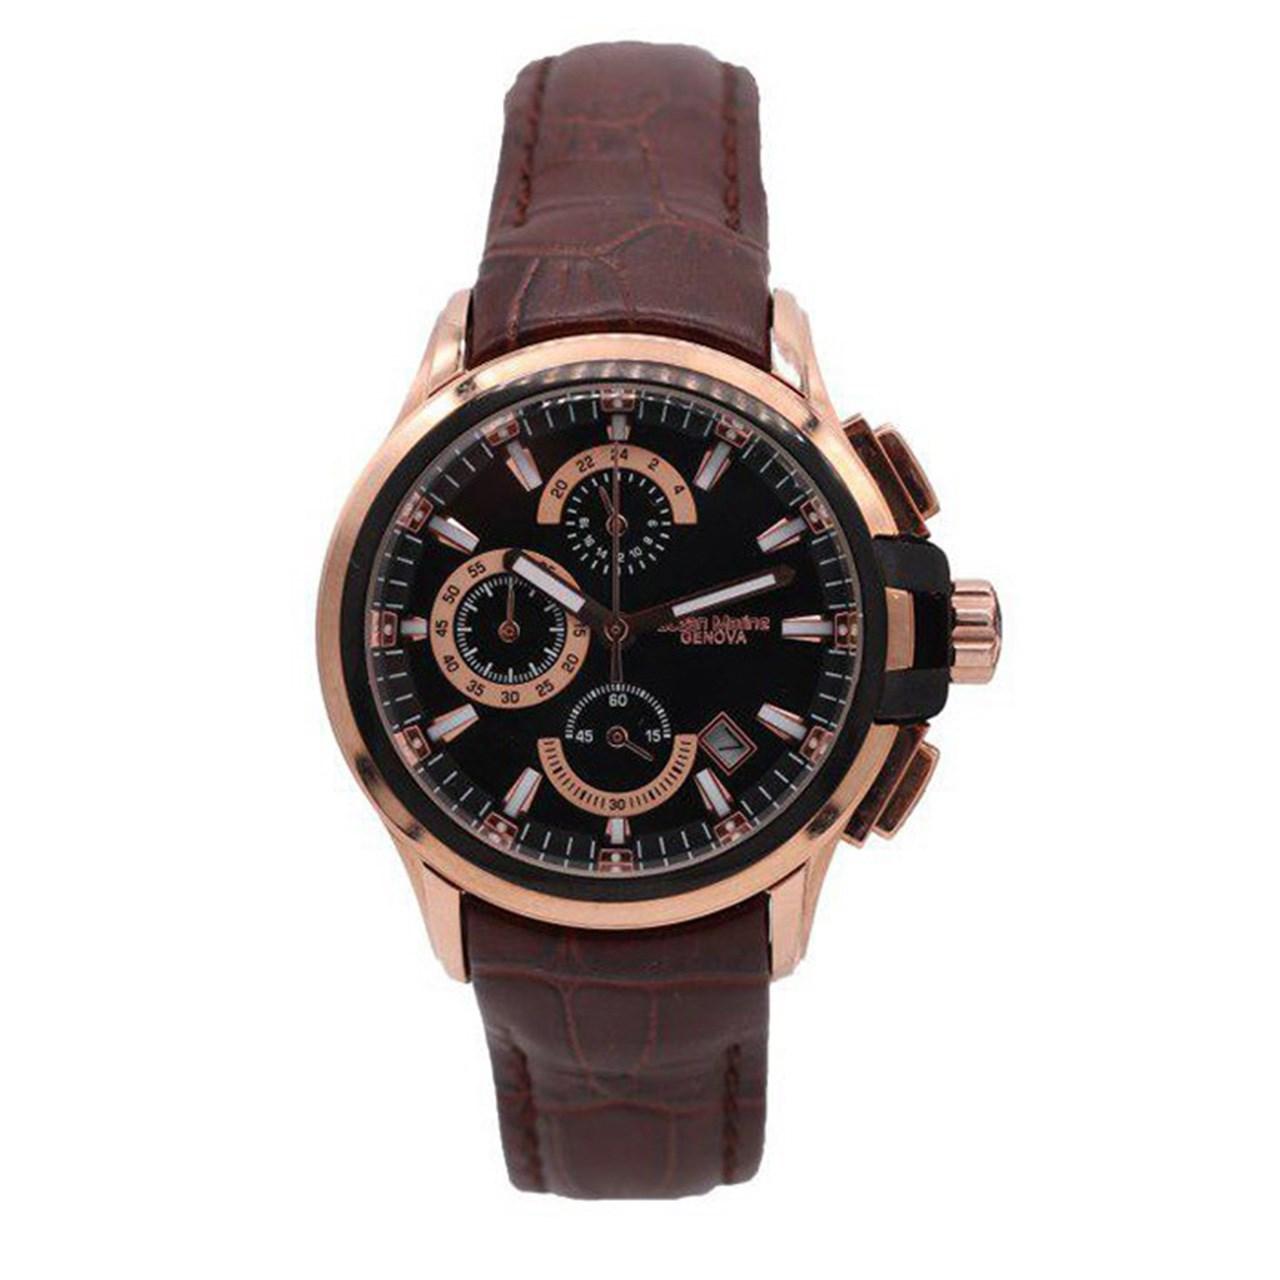 ساعت زنانه برند مدل اوشن مارین Z-318Lc3